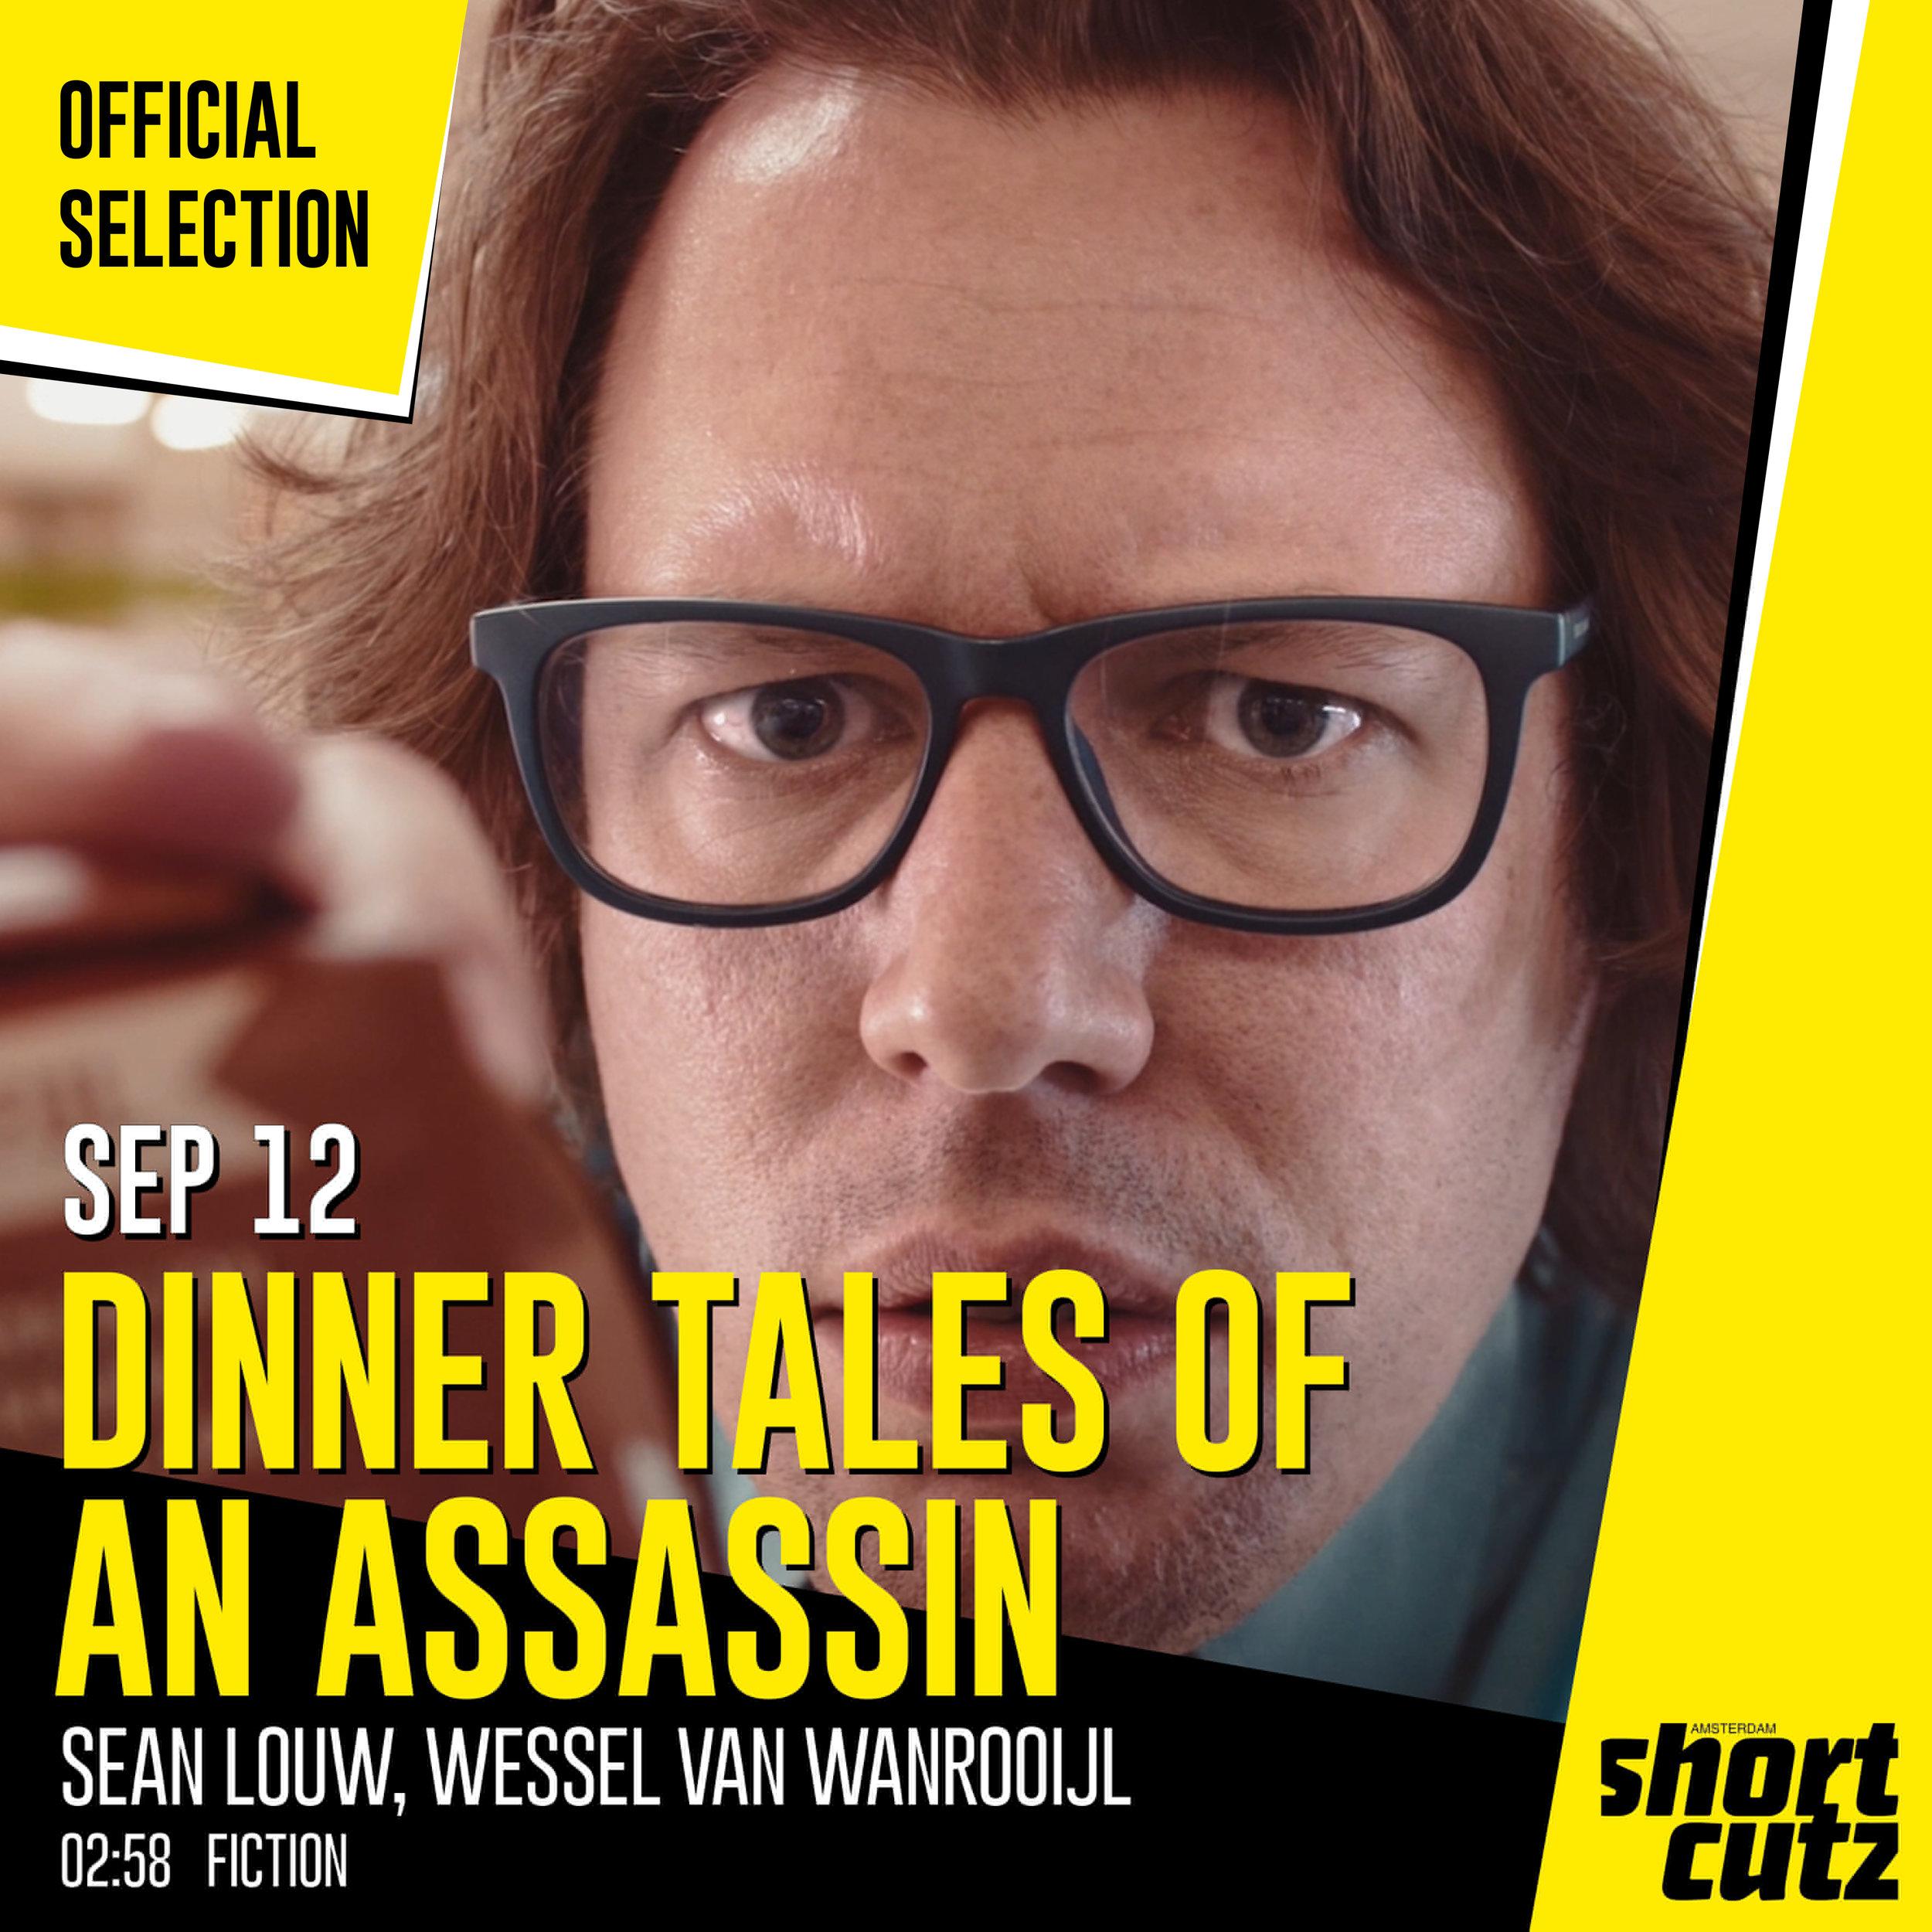 Dinner tales on an assassin.jpg